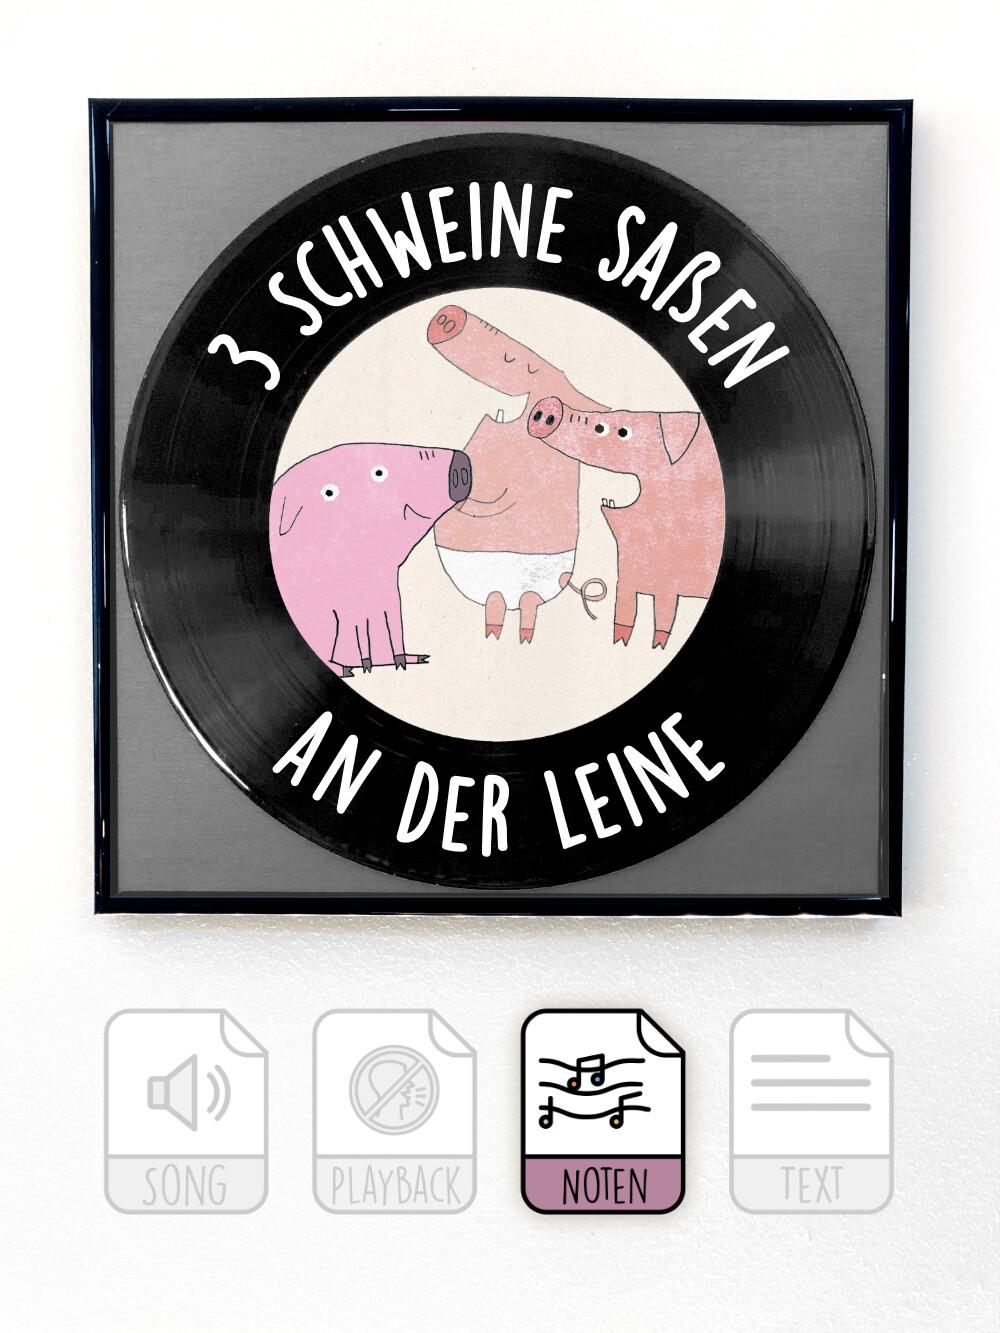 3 Schweine saßen an der Leine